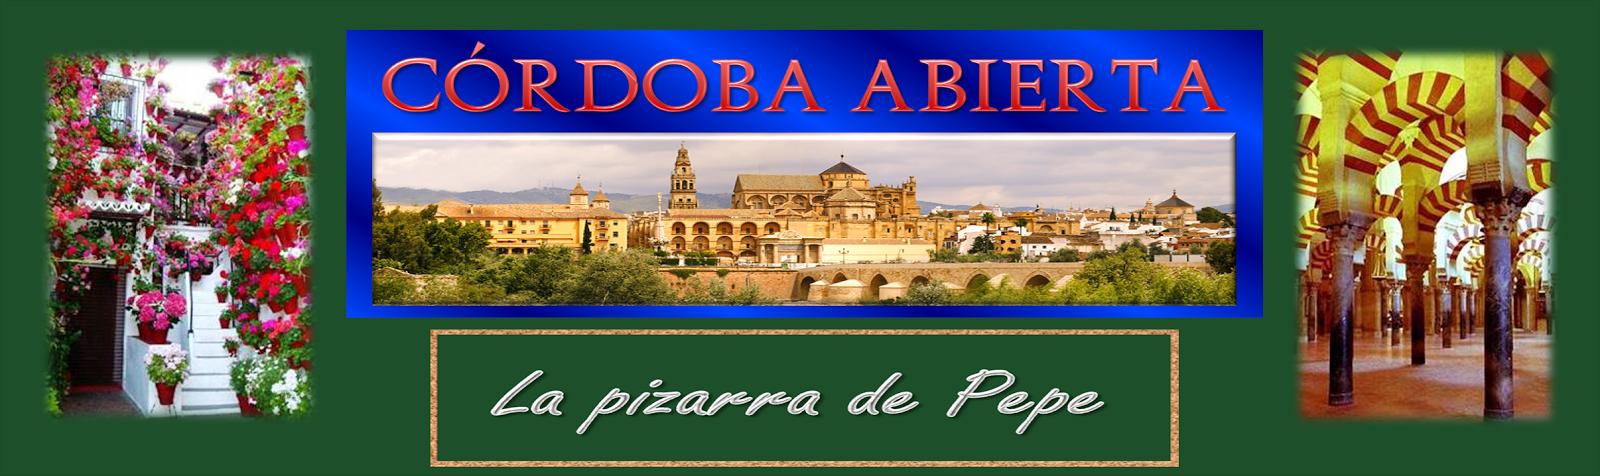 Córdoba Abierta La pizarra de Pepe